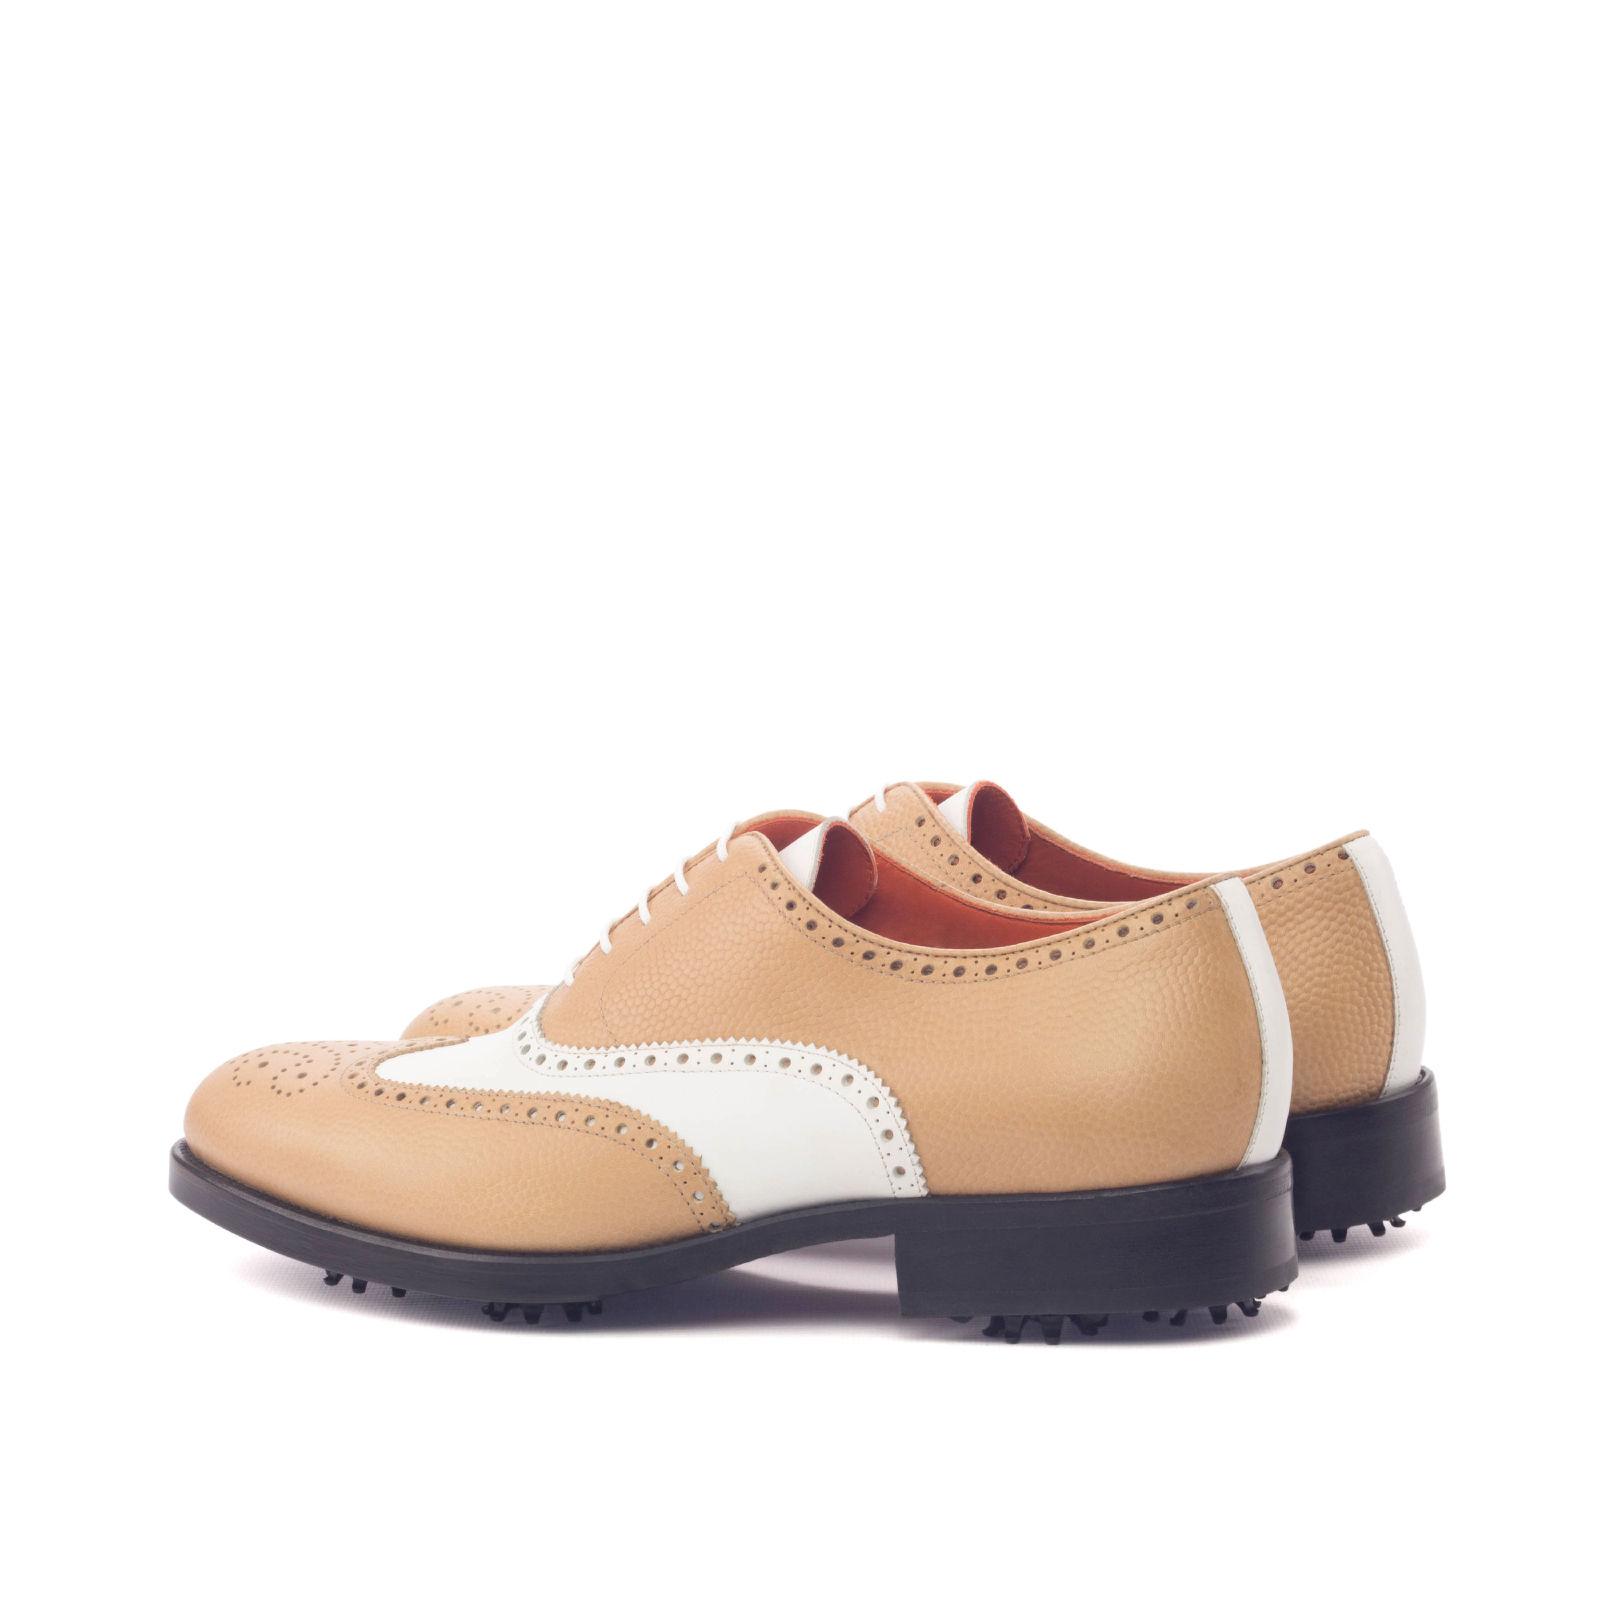 Fabricant de chaussures de golf personnalisables sur-mesure pour homme et femme